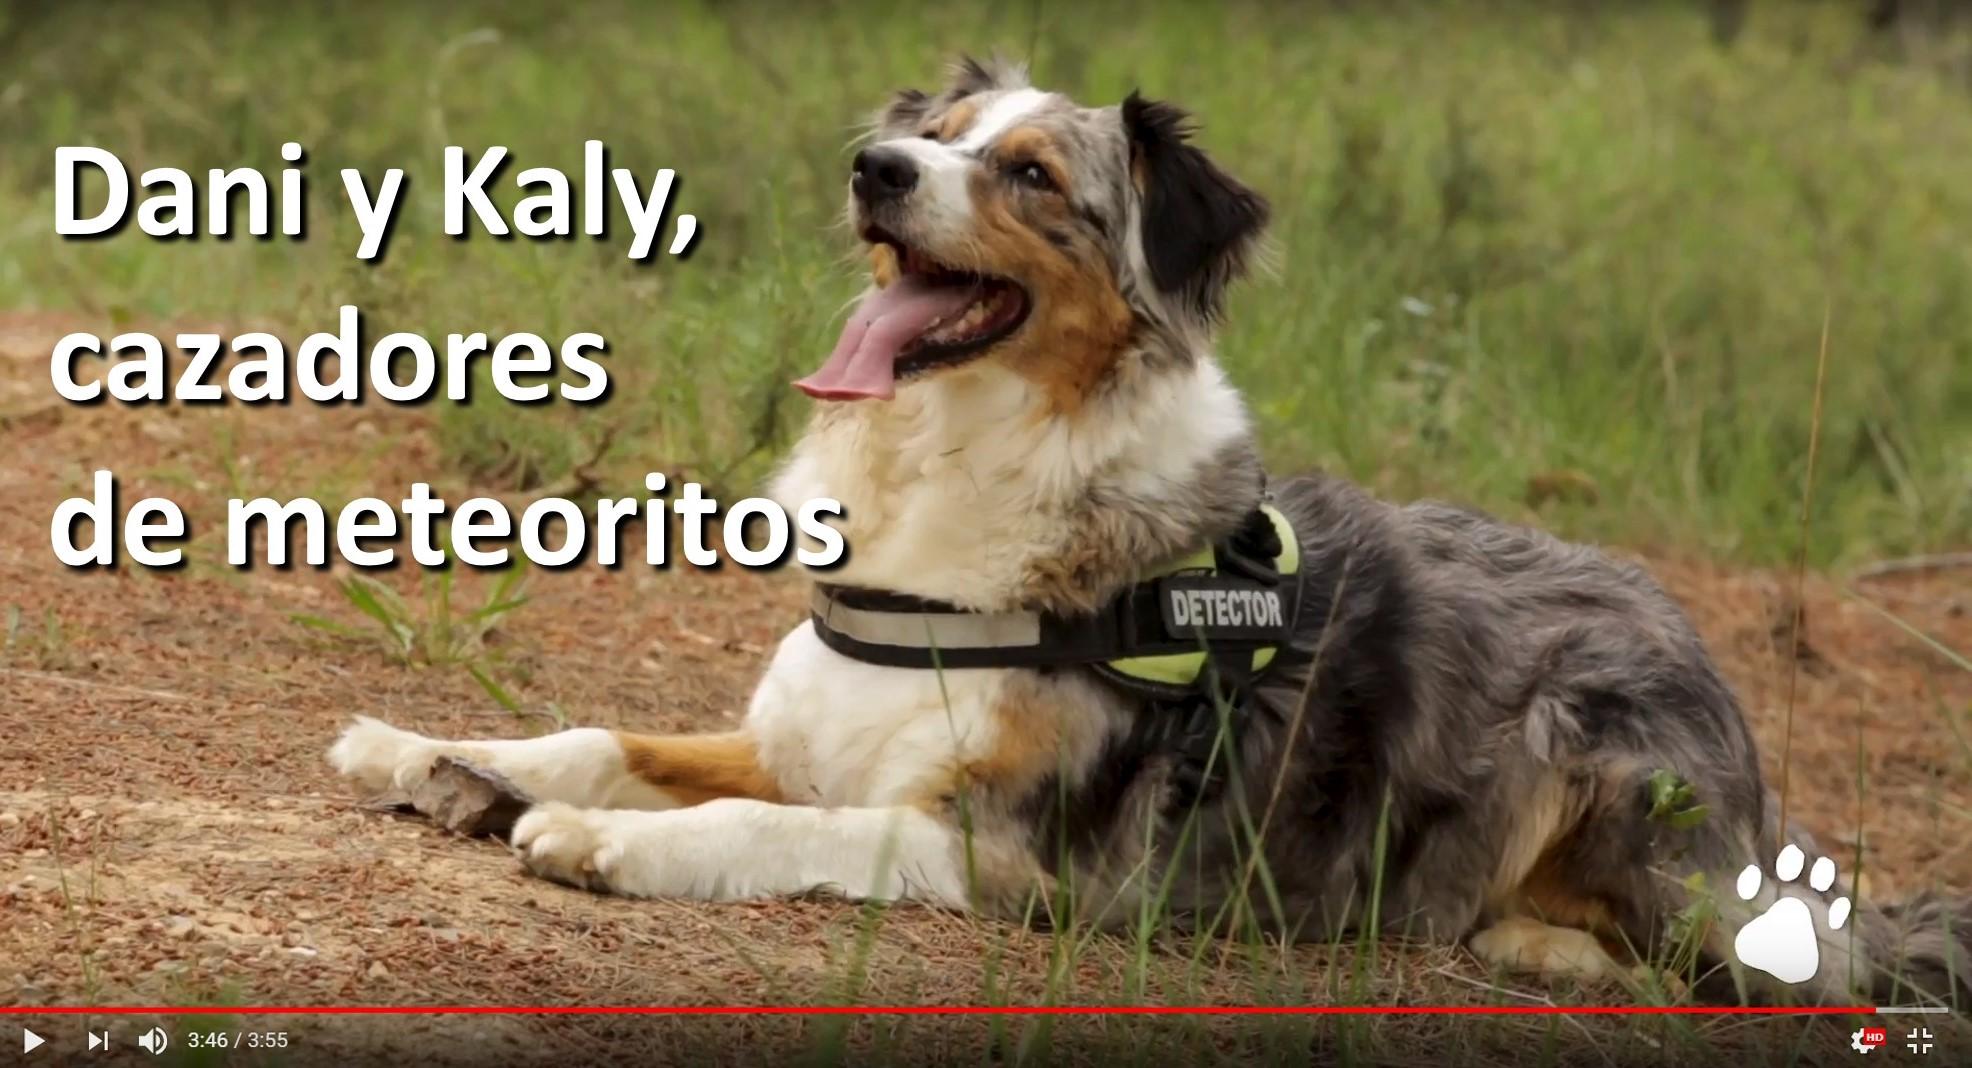 Dany y Kaly-cazadores-meteoritos